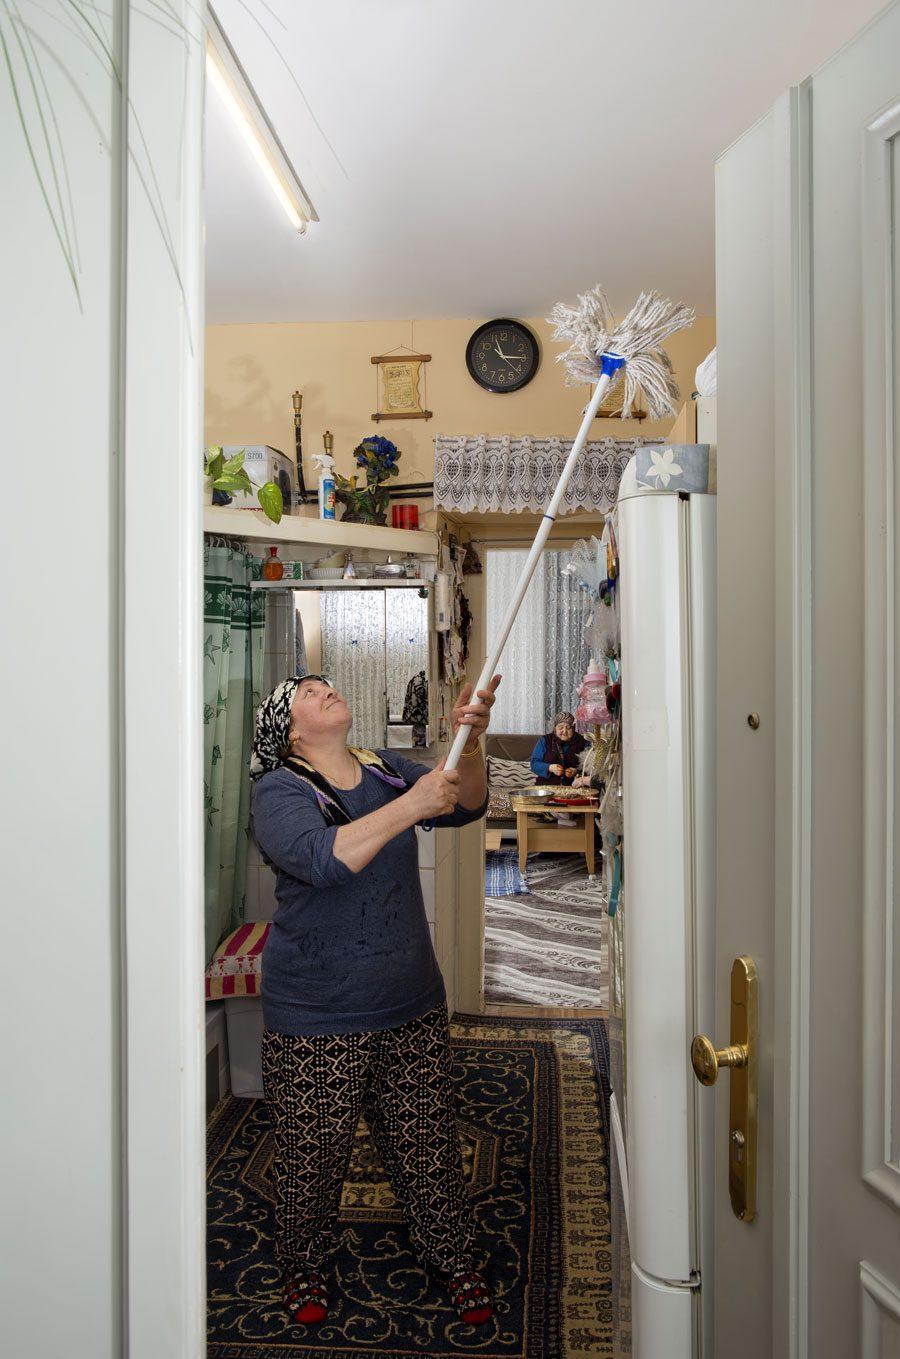 kati Cemile Kordon ret 70x105 cm 240dpi - «Вхід заборонено»: Головні роботи фестивалю Odesa Photo Days - Заборона